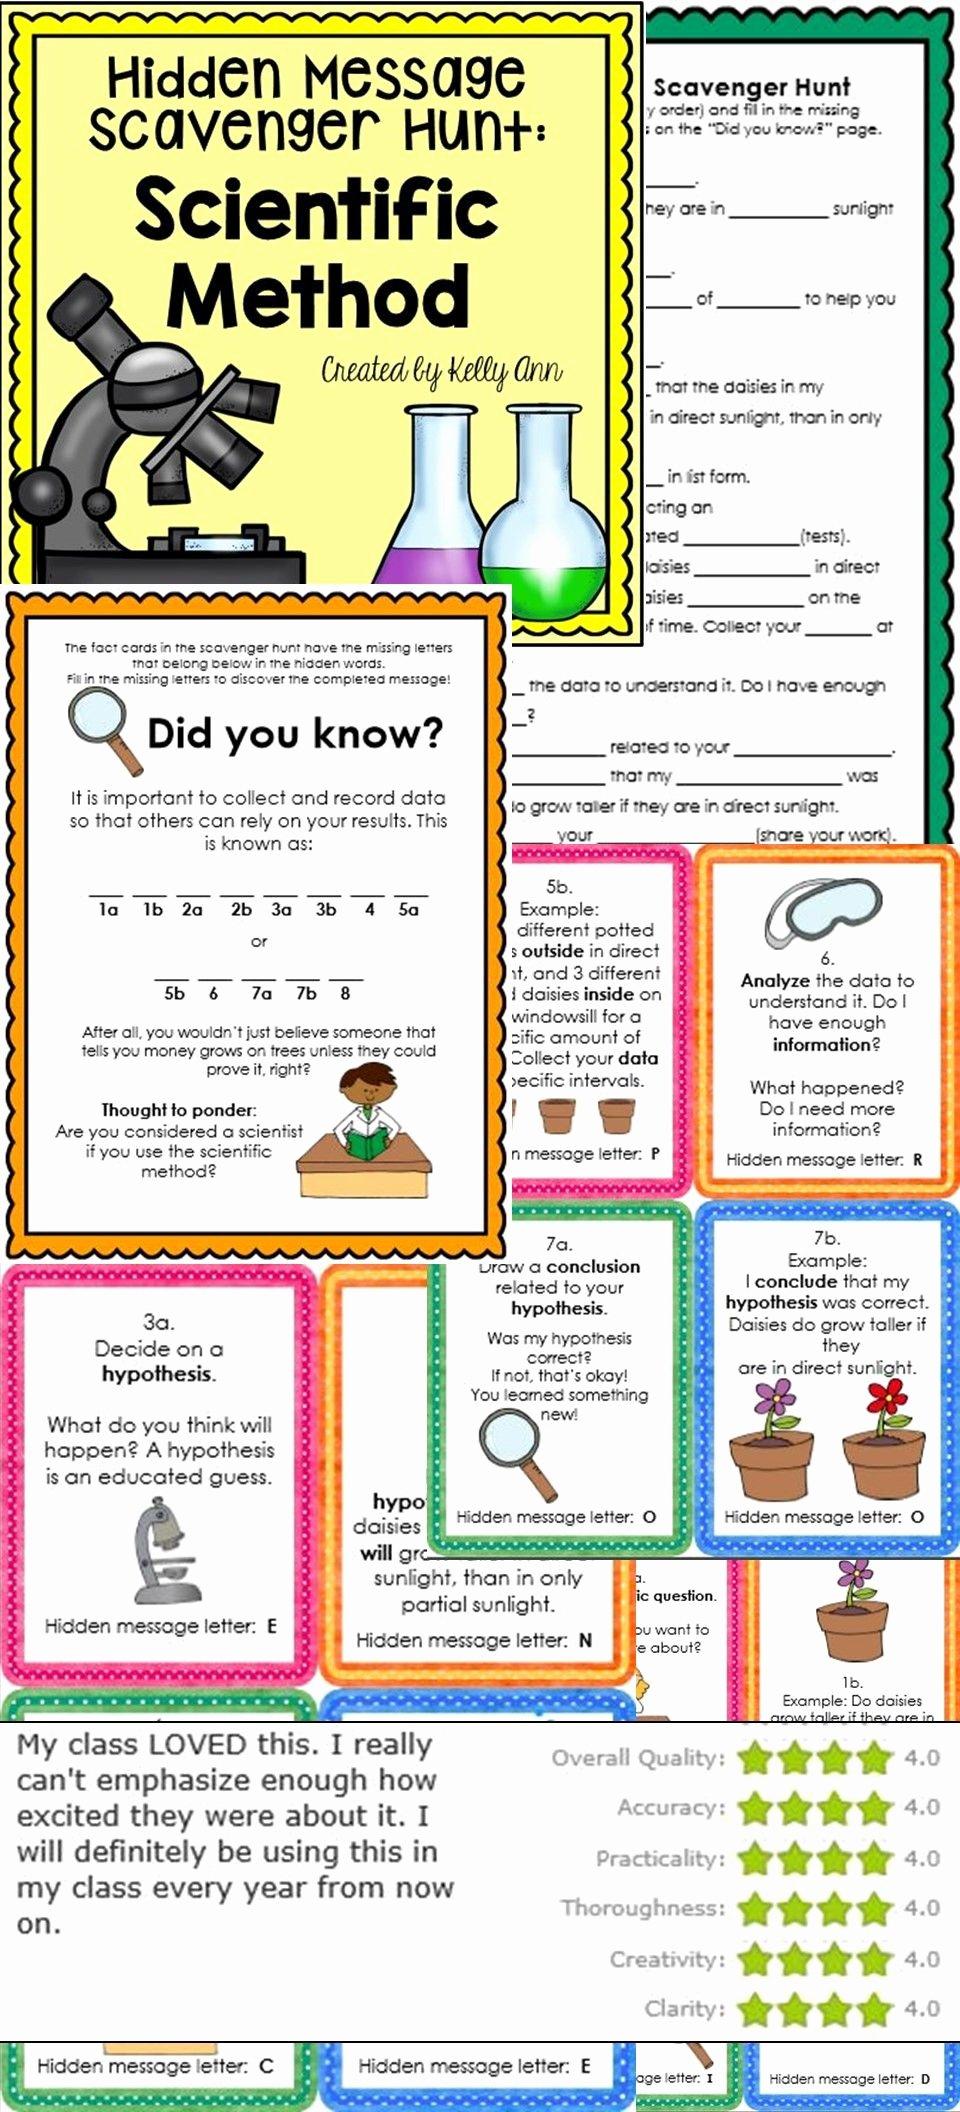 Scientific Method Worksheet 4th Grade Inspirational Scientific Method Activity Scavenger Hunt